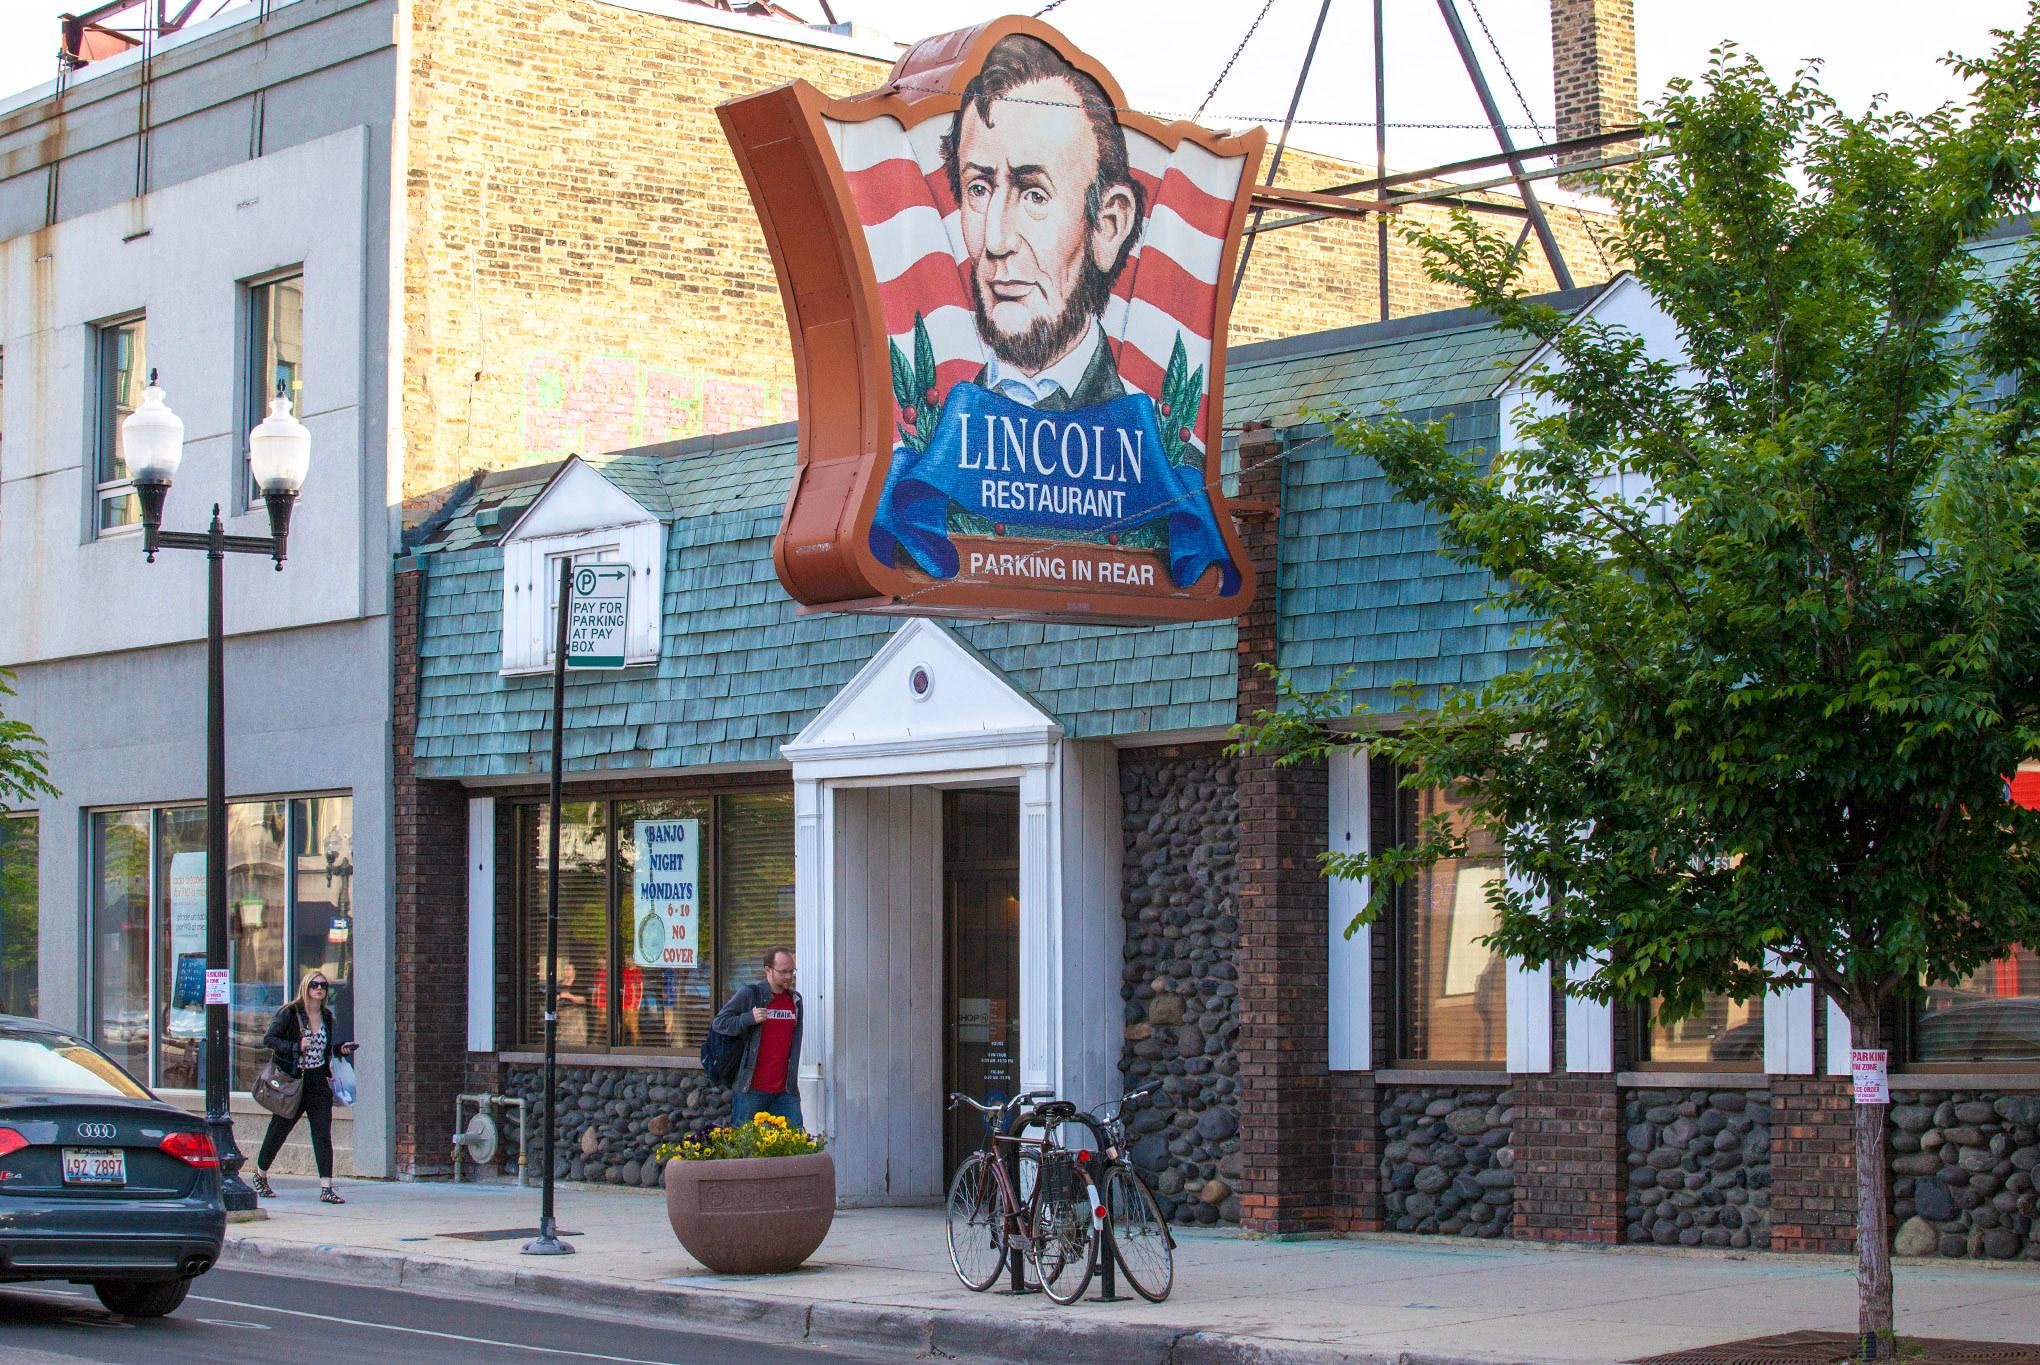 LincolnLodge.Venue.jpg